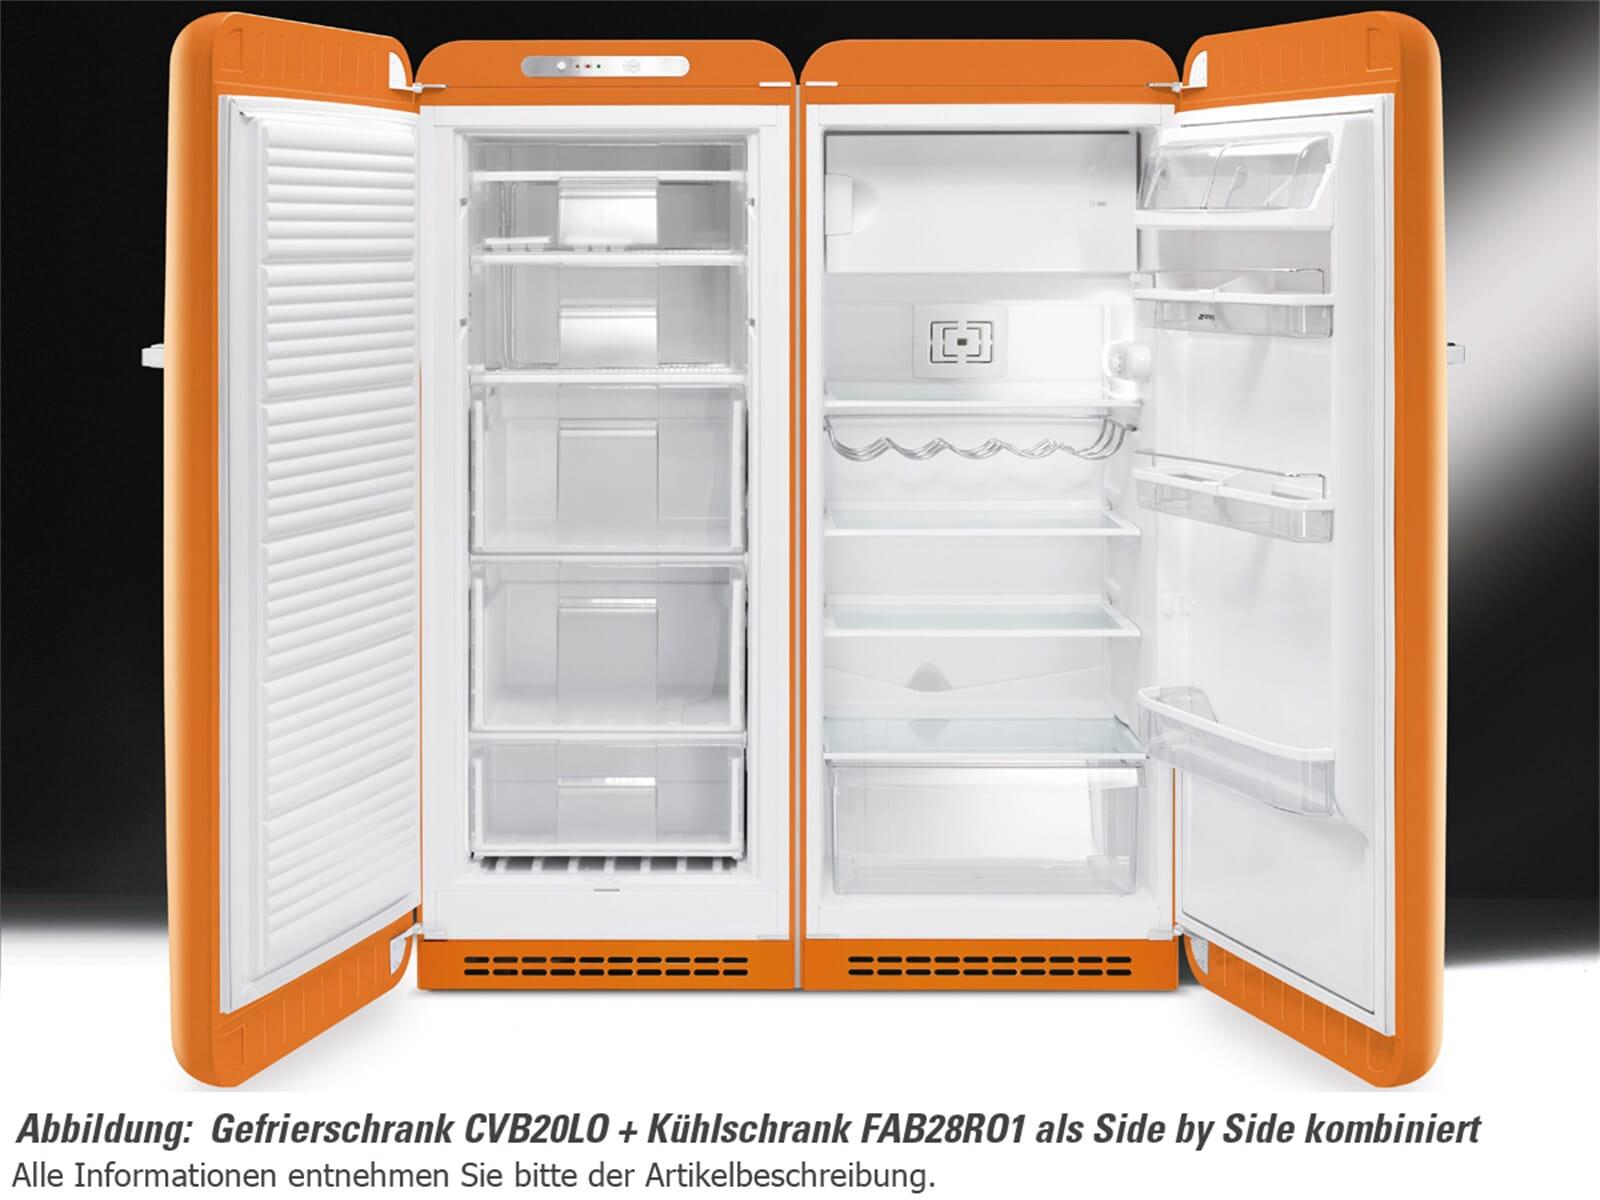 Smeg Kühlschrank Biofresh : Smeg kühlschrank biofresh smeg fab lr standkühlschrank rot smeg